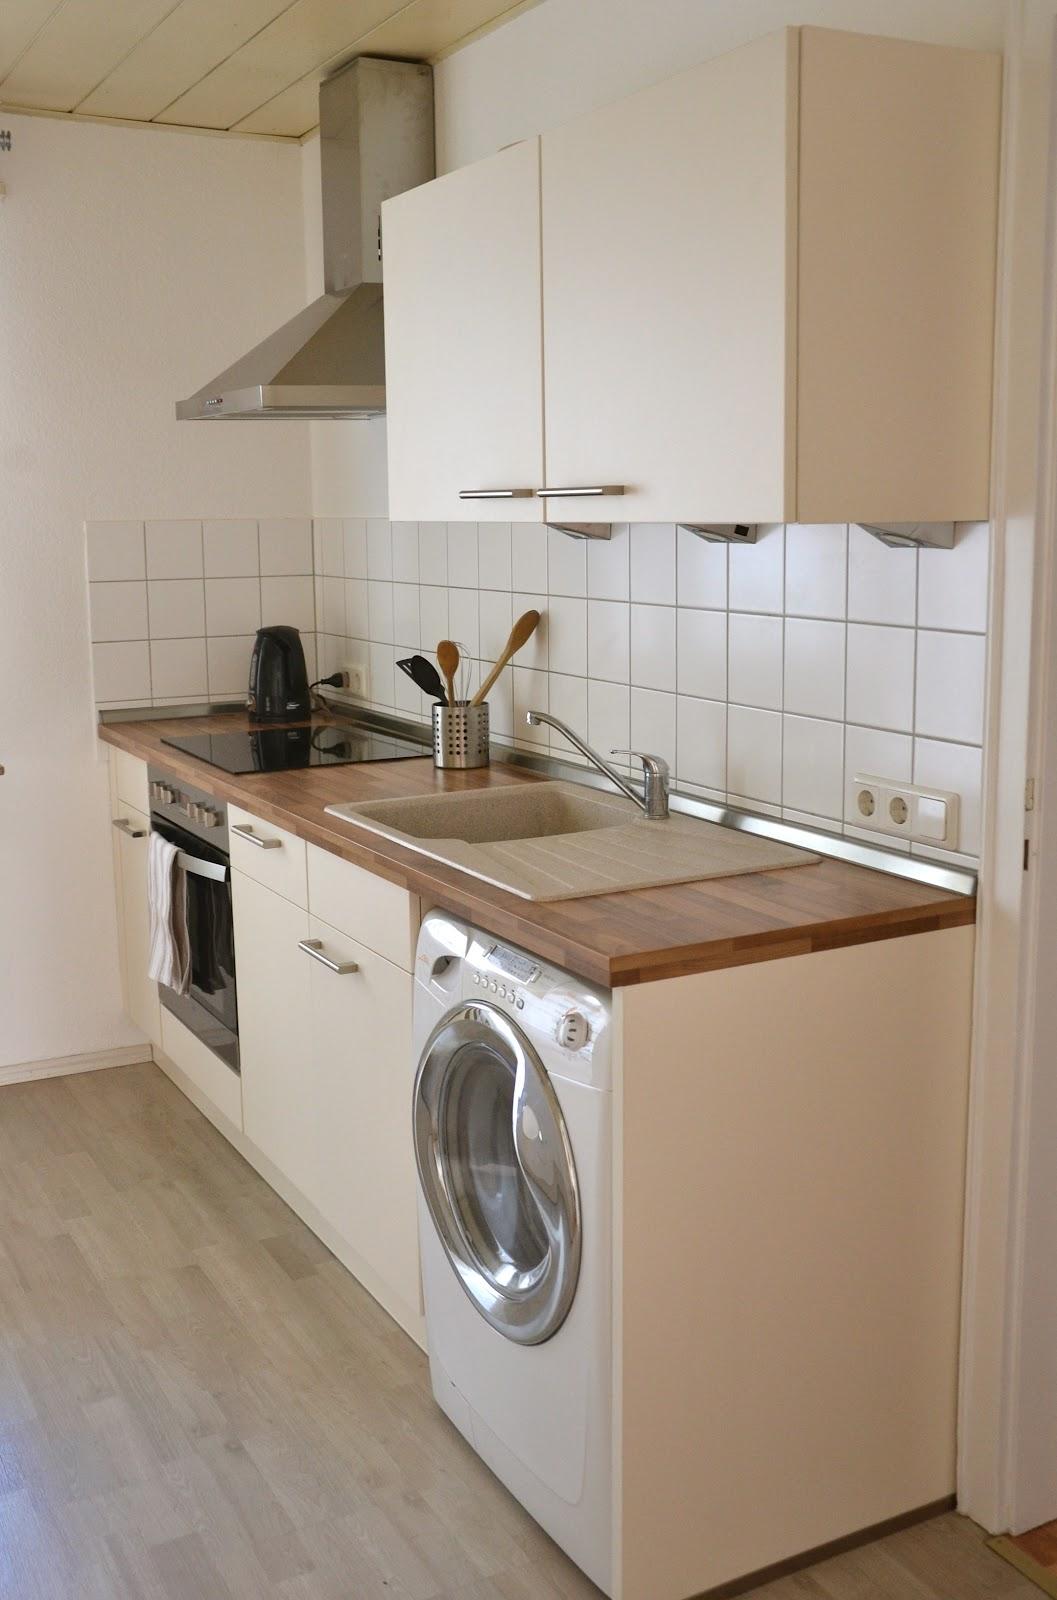 Desaf o blad agosto cocinas actitud y alegr a for Cocina y lavadero integrados